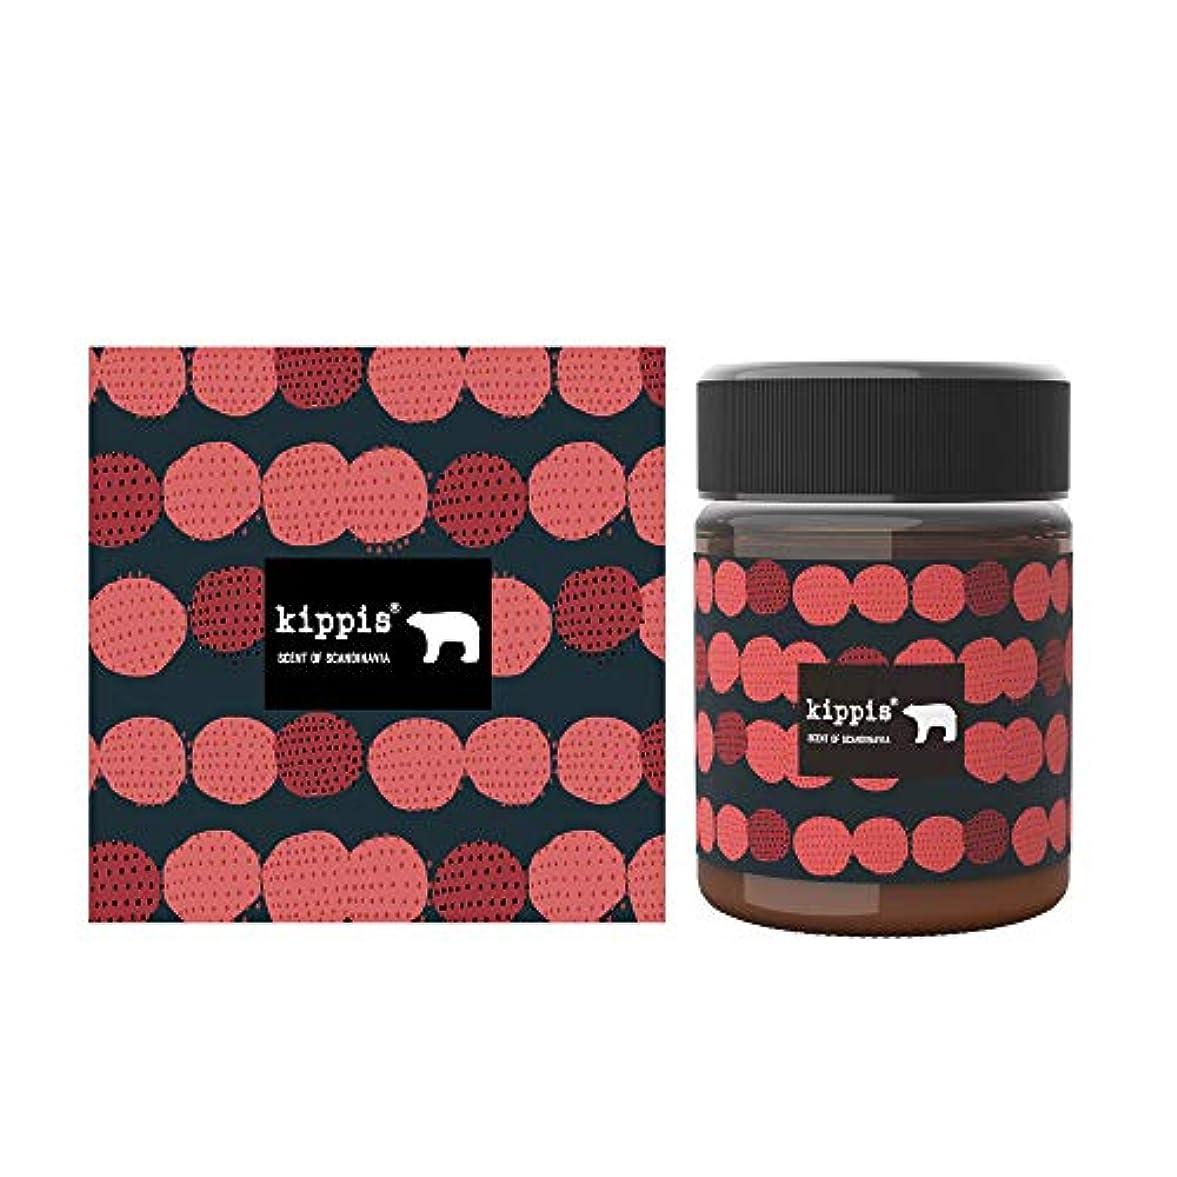 利得信仰信仰キッピス 髪と肌のトリートメントワックス(甘酸っぱい真っ赤なベリーの香り)40g